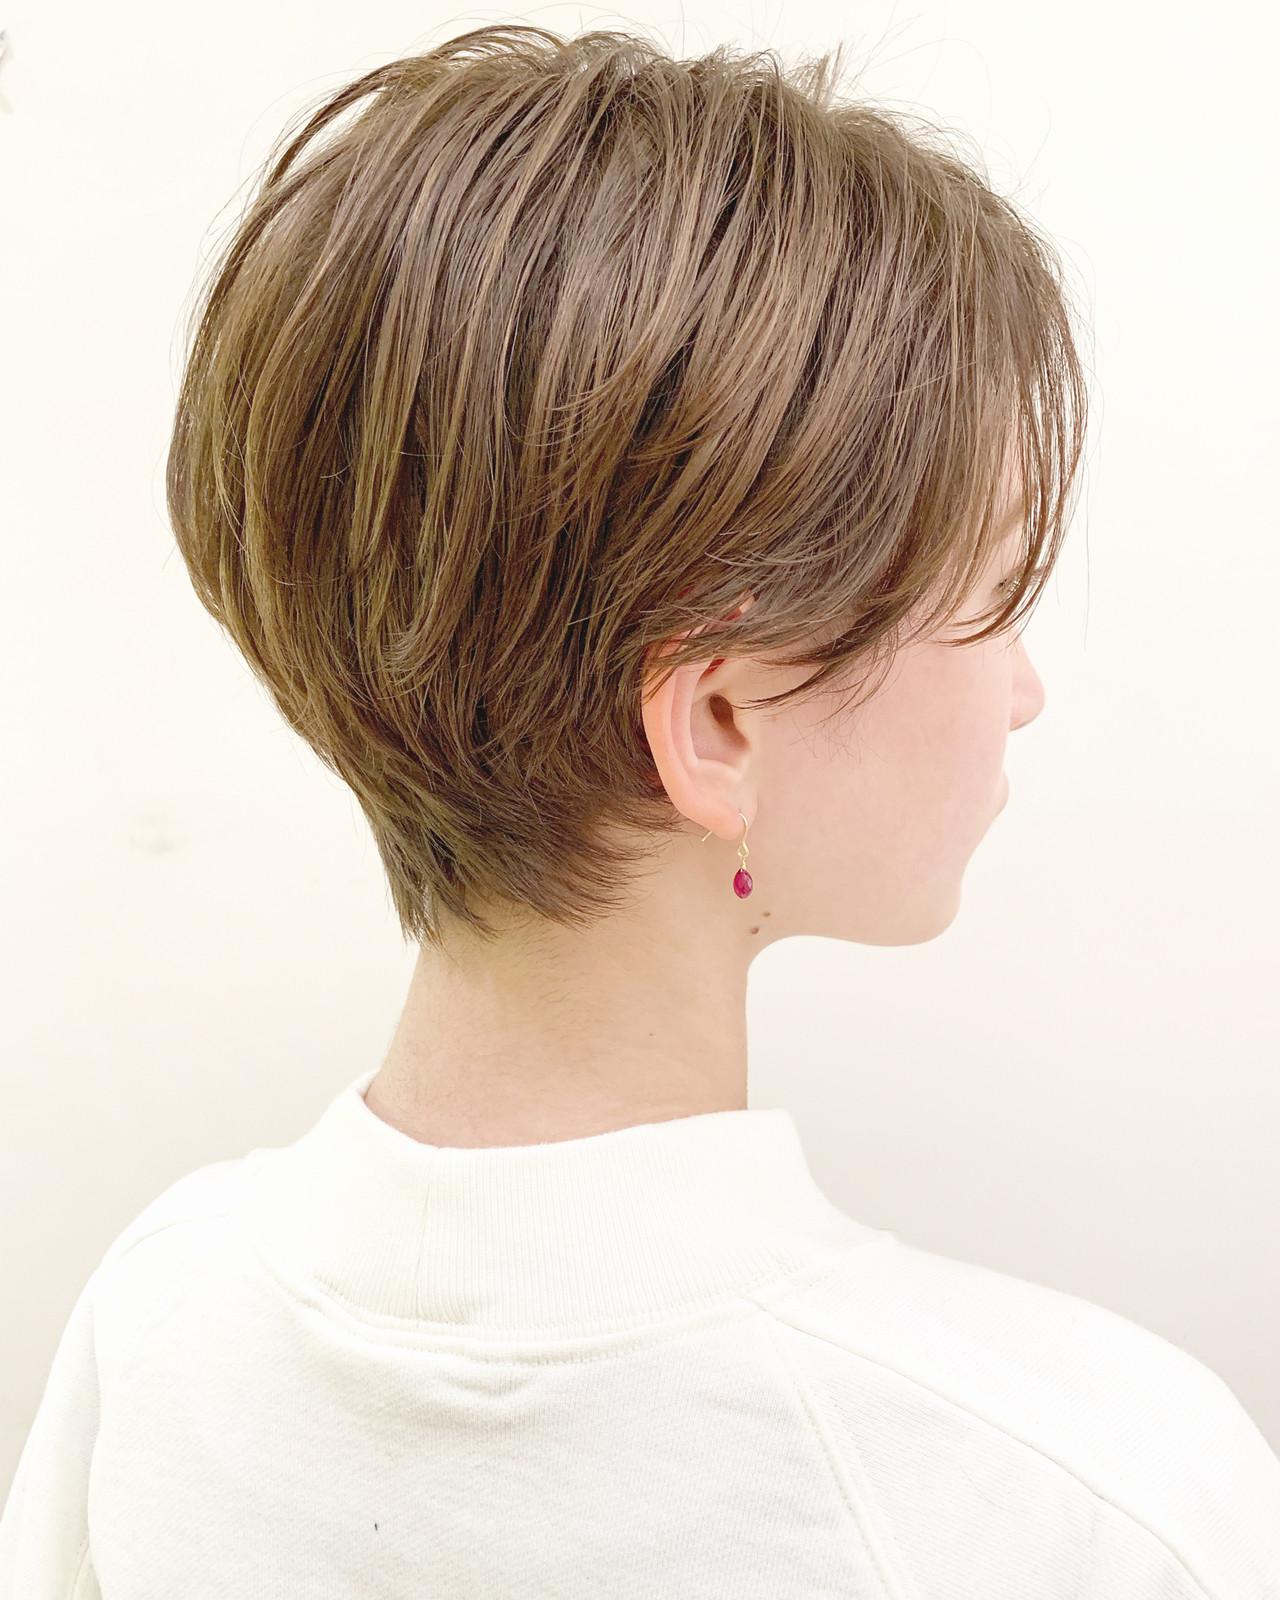 パーマ ショート フェミニン スポーツ ヘアスタイルや髪型の写真・画像   ショートヘア美容師 #ナカイヒロキ / 『send by HAIR』